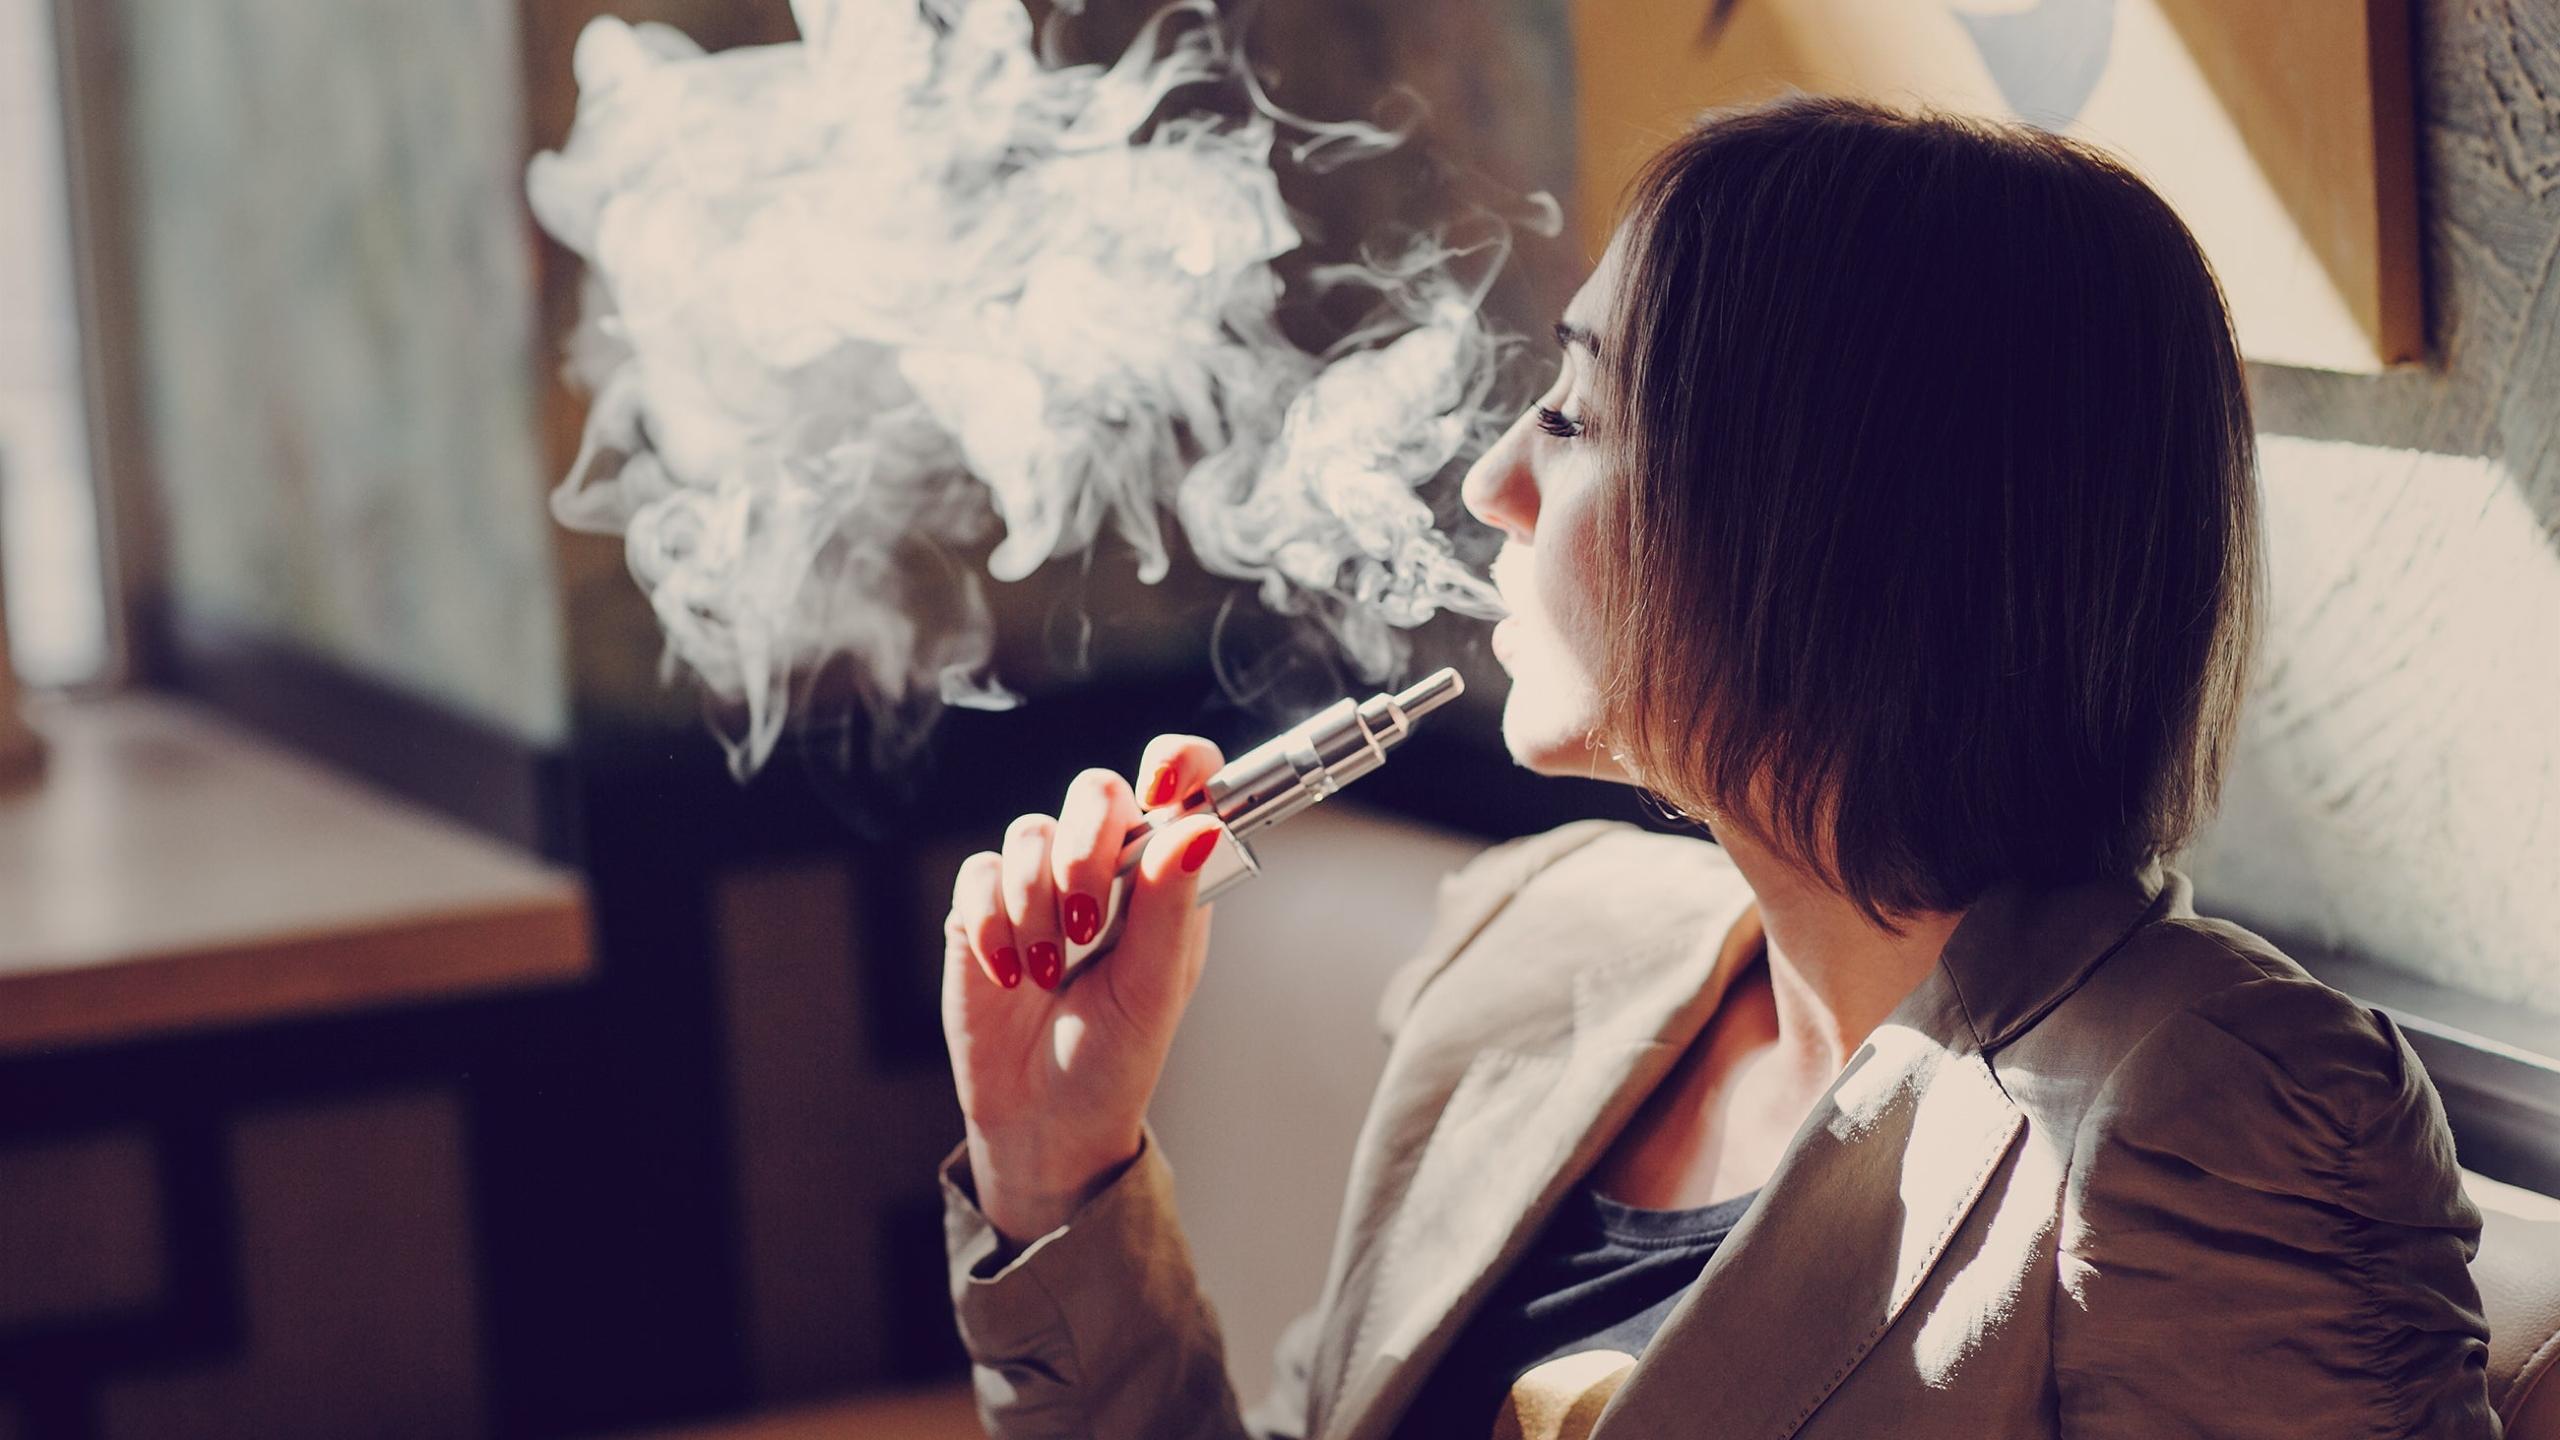 Исследование греческих ученых подтверждает снижение вреда для сердечно-сосудистой системы курильщиков при переходе на электронные сигареты